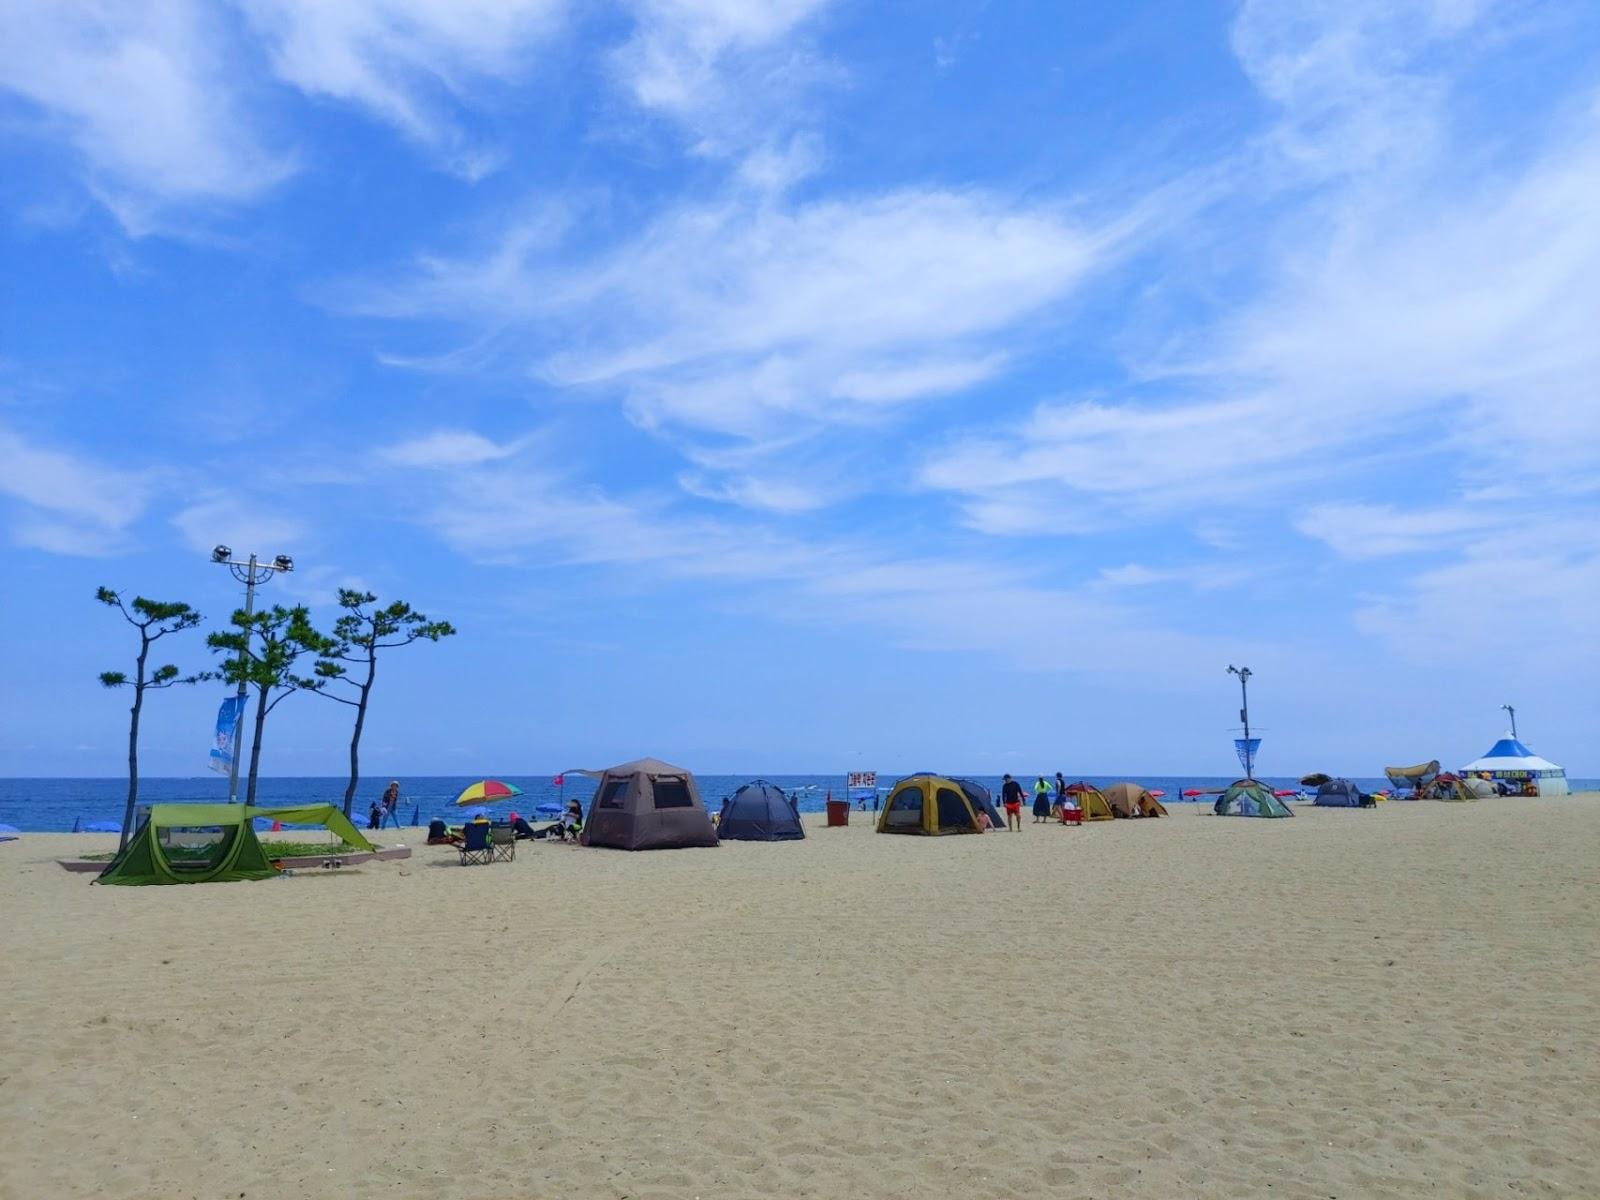 Bãi biển Naksan (낙산해수욕장) ở quận Yangyang, tỉnh Gangwon (강원도 양양군) - Địa Điểm  Hàn Quốc